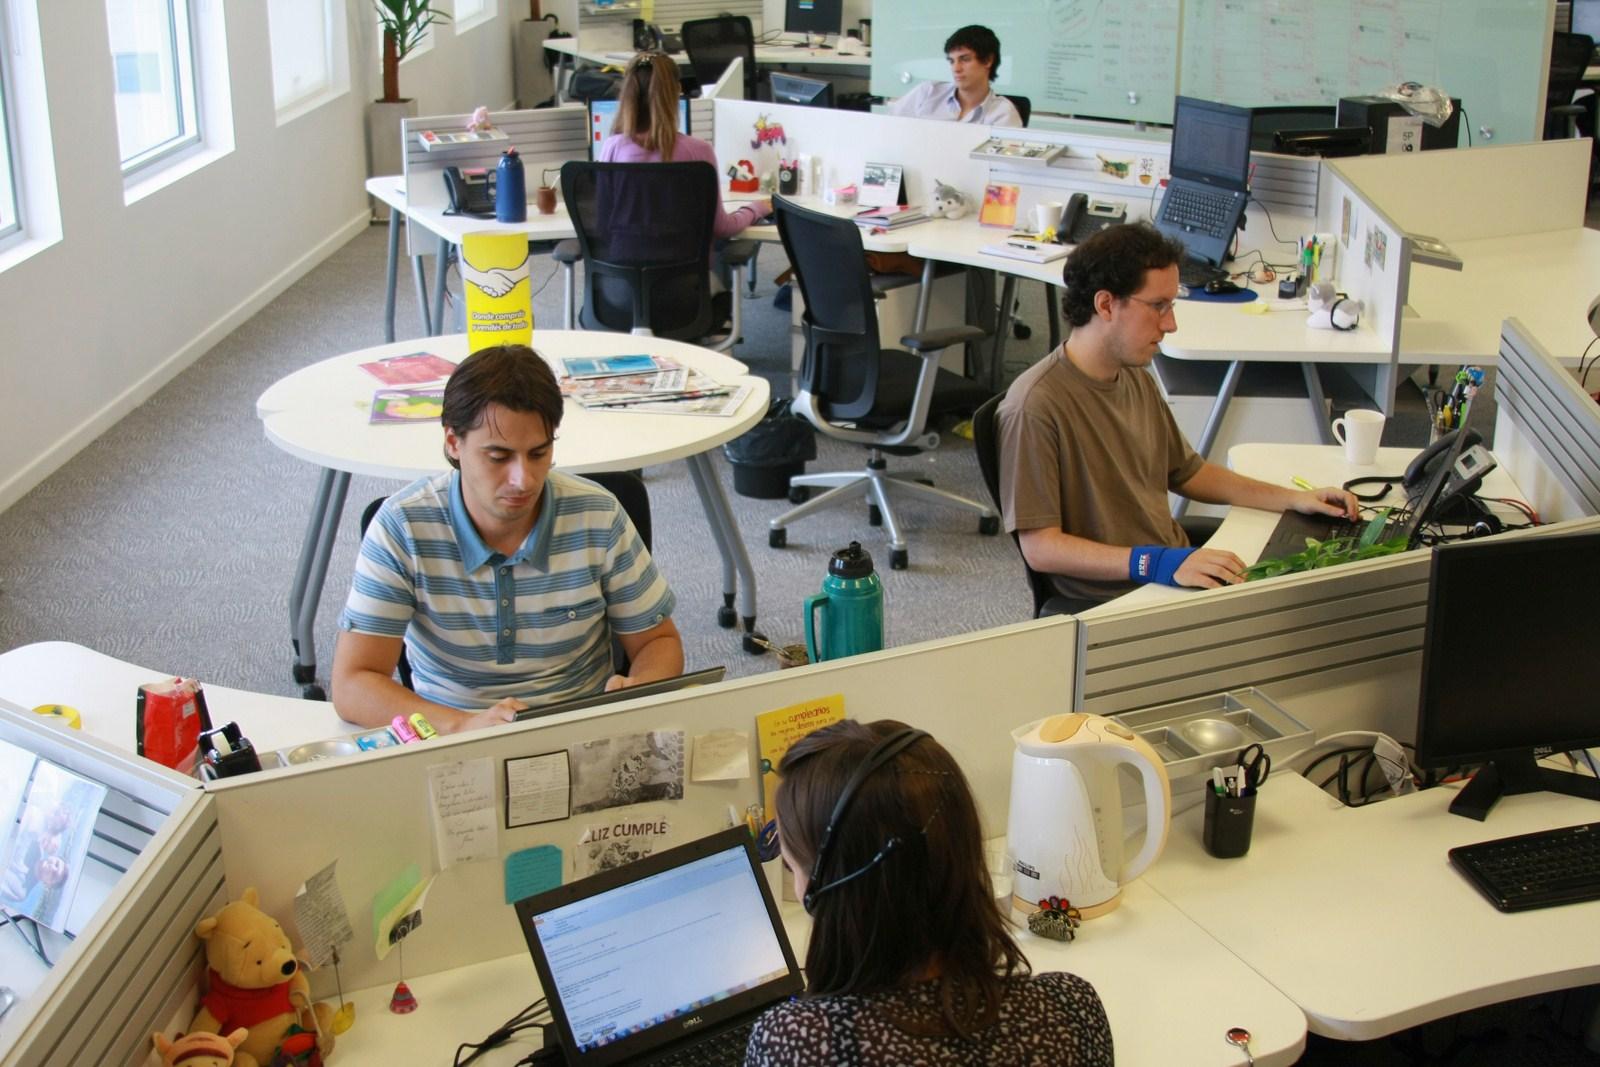 Visita fotogr fica al coraz n de redusers for Follando en las oficinas